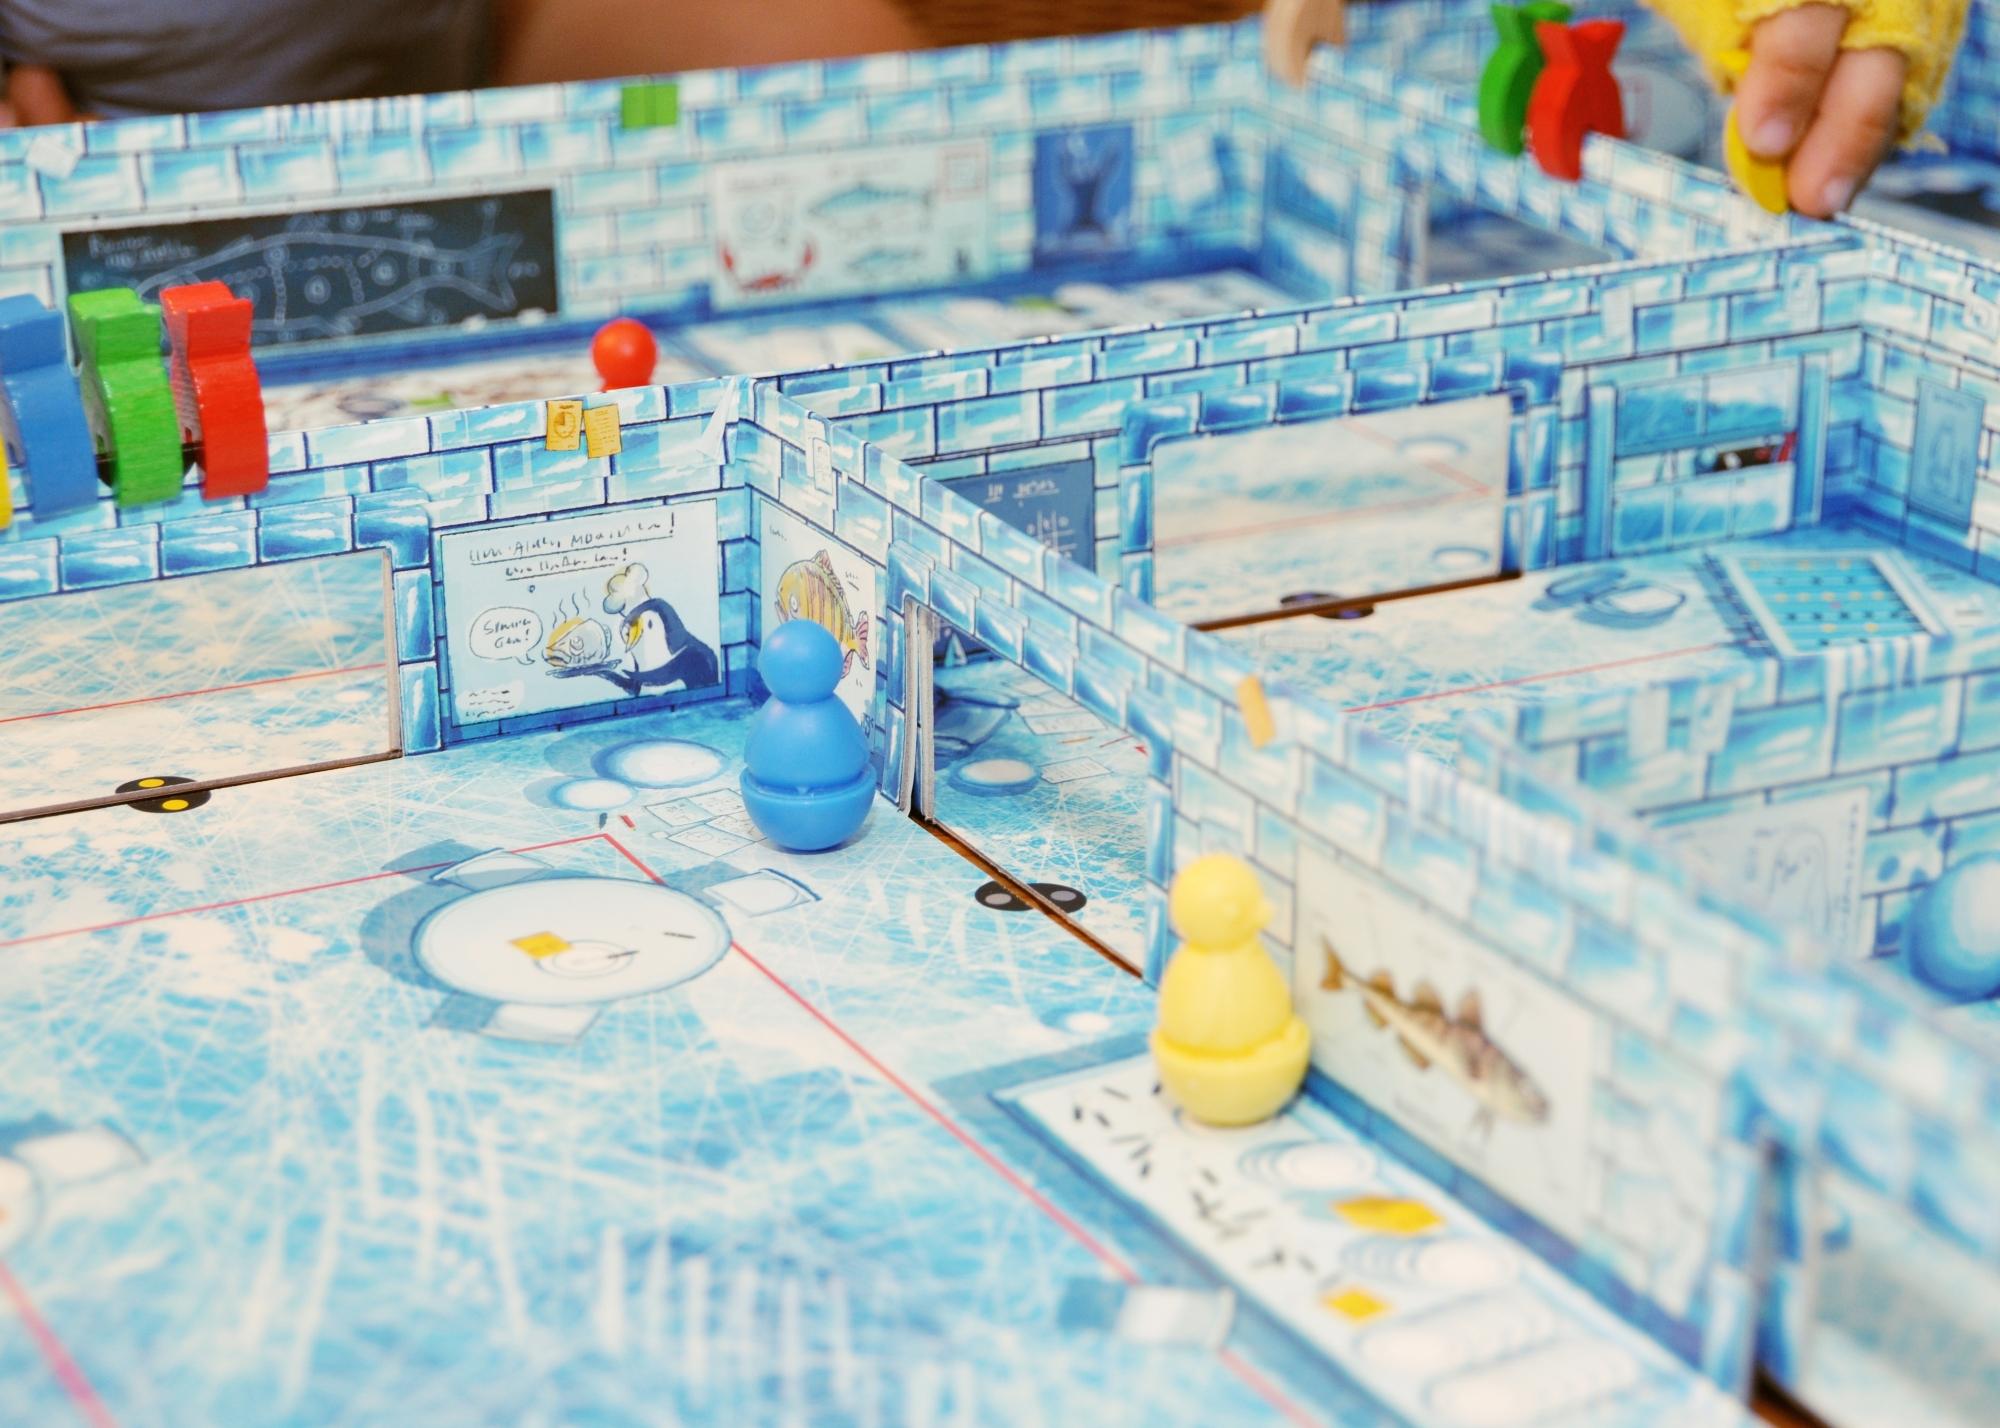 Pinguine auf Fischfang – IceCool #Rezension #Gewinnspiel